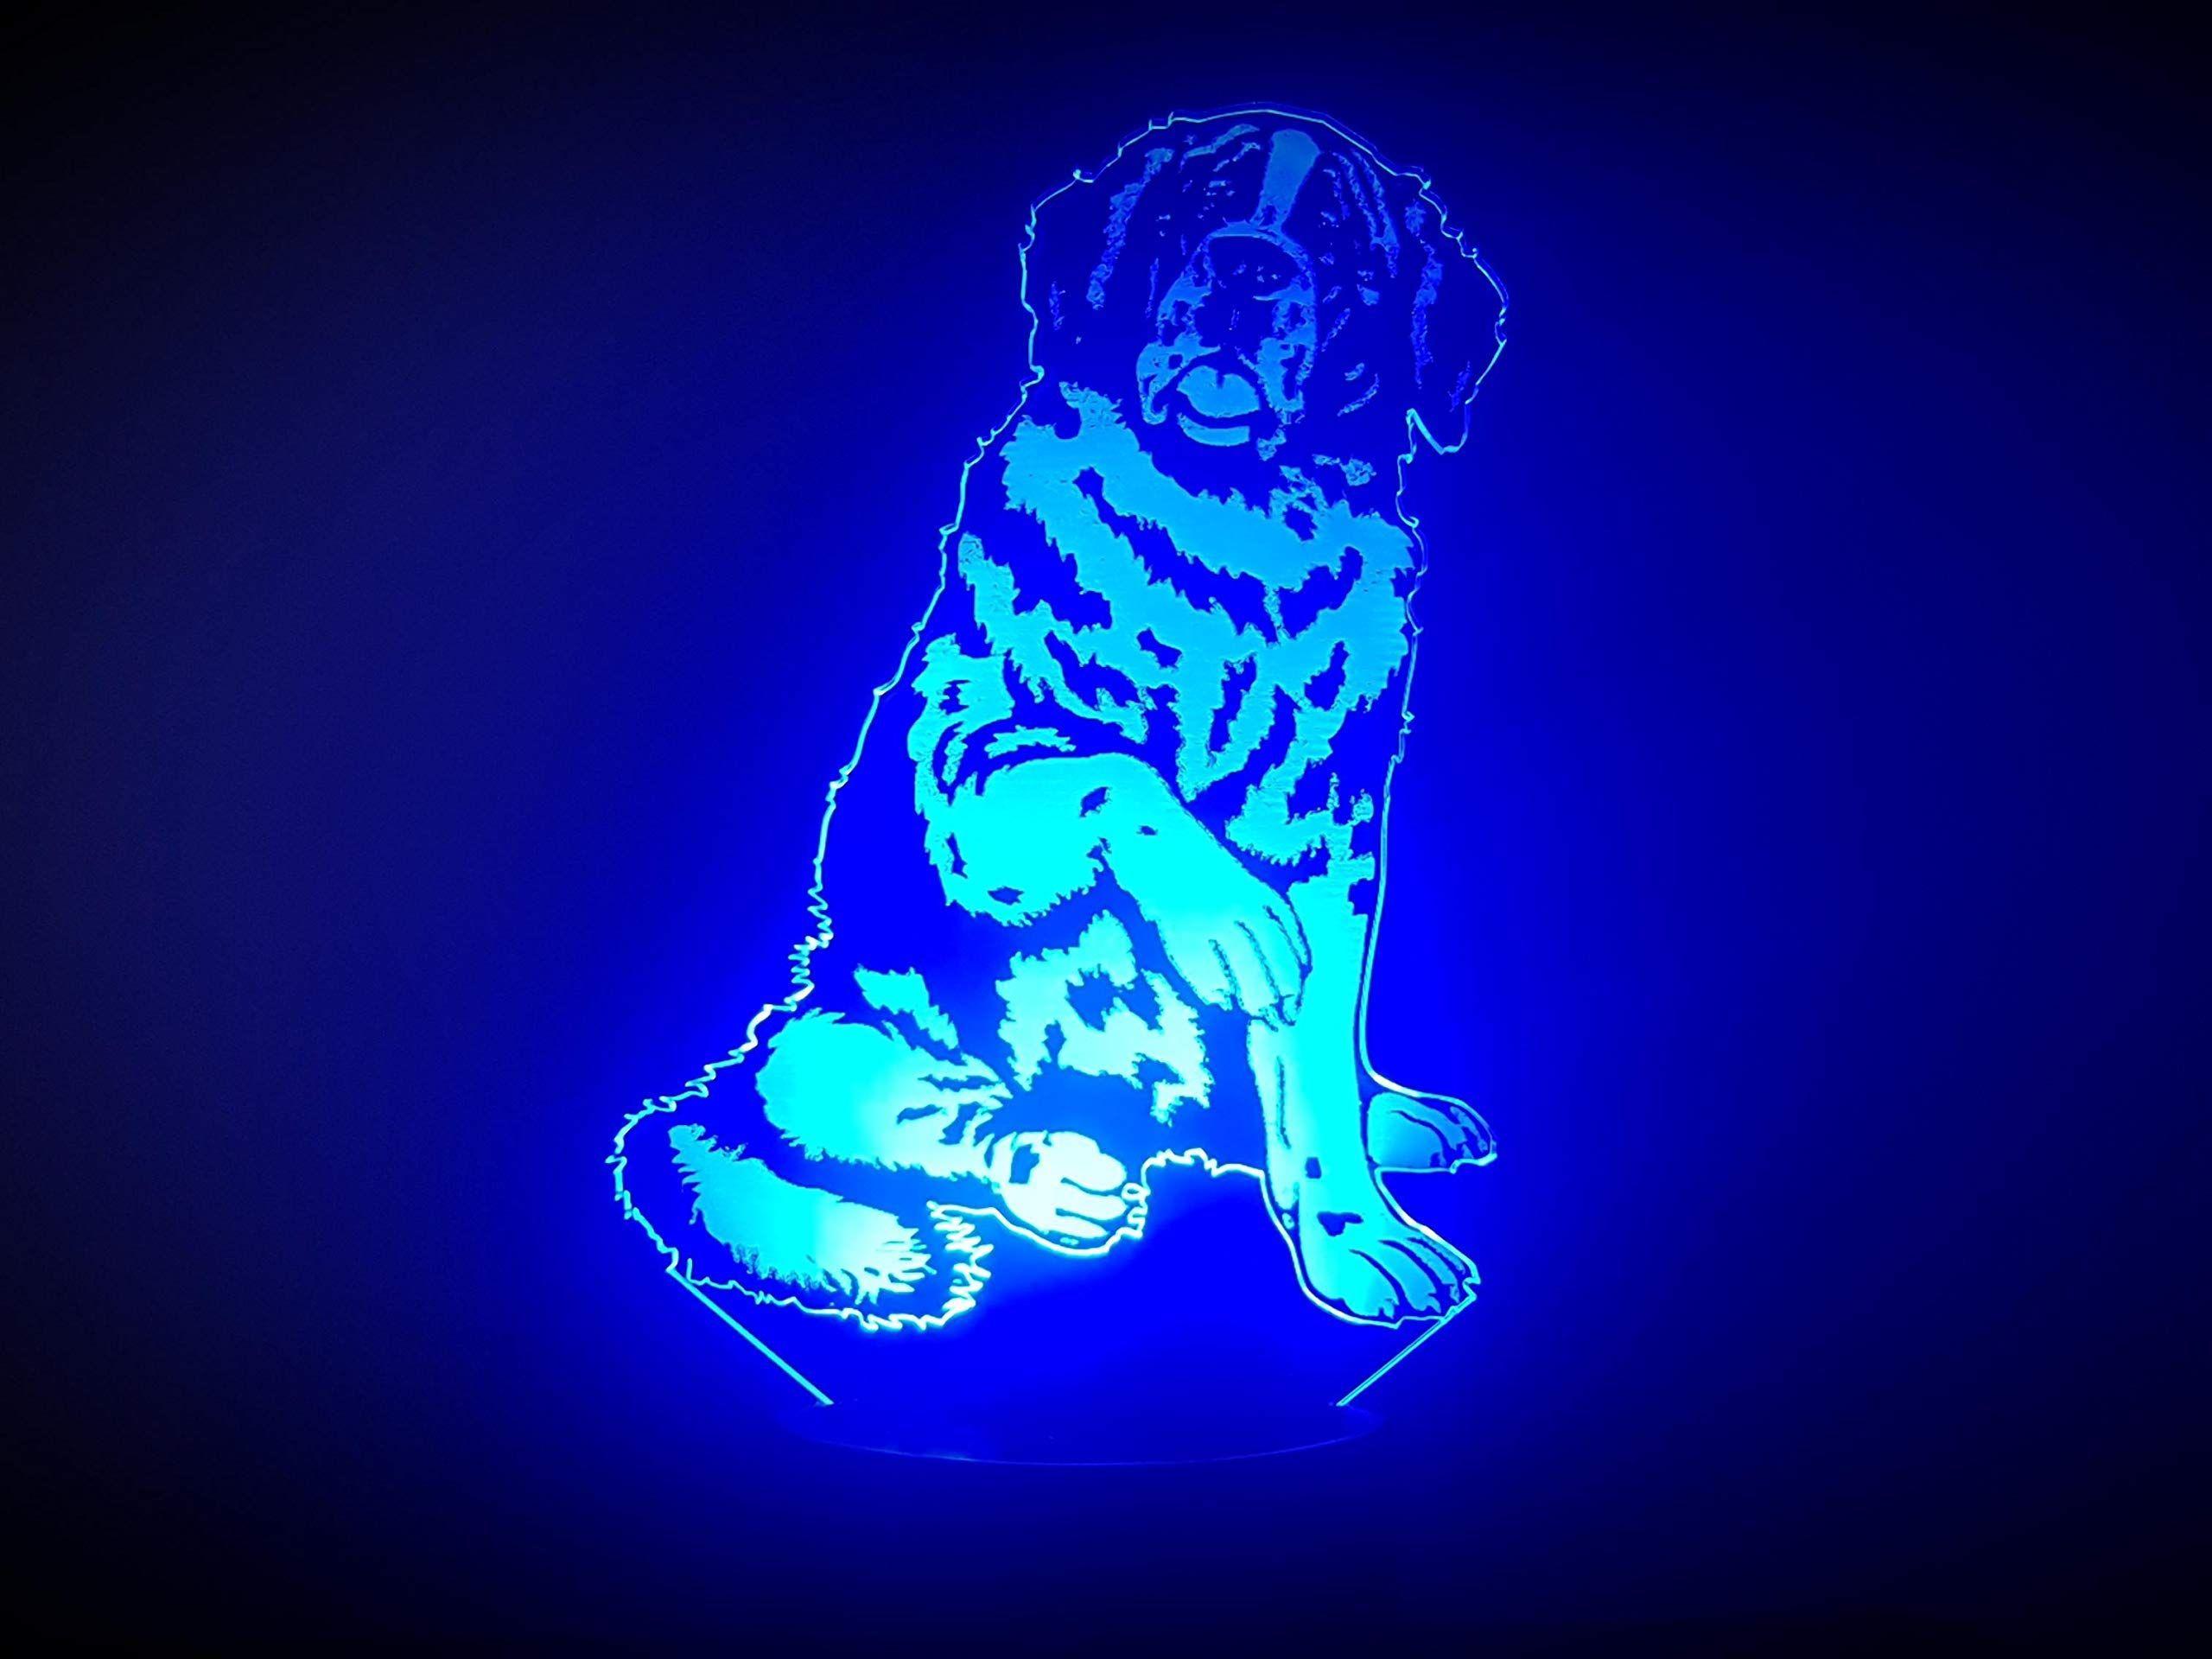 Hund Bernhardiner 3d Lampe Led Bernhardiner Hund Led Lampe Led Lampe Bernhardiner Led